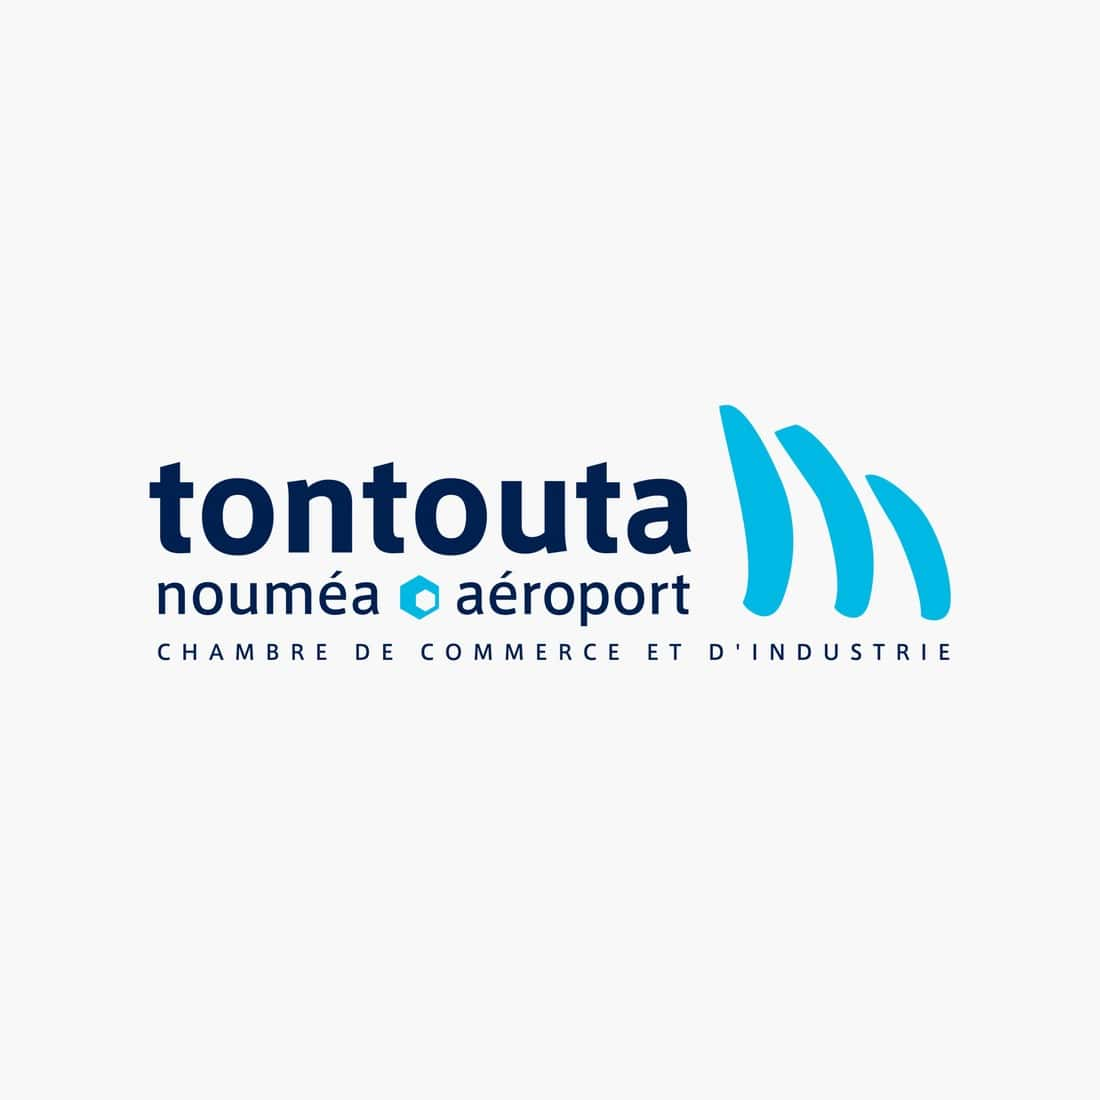 Logo aéroport Tontouta